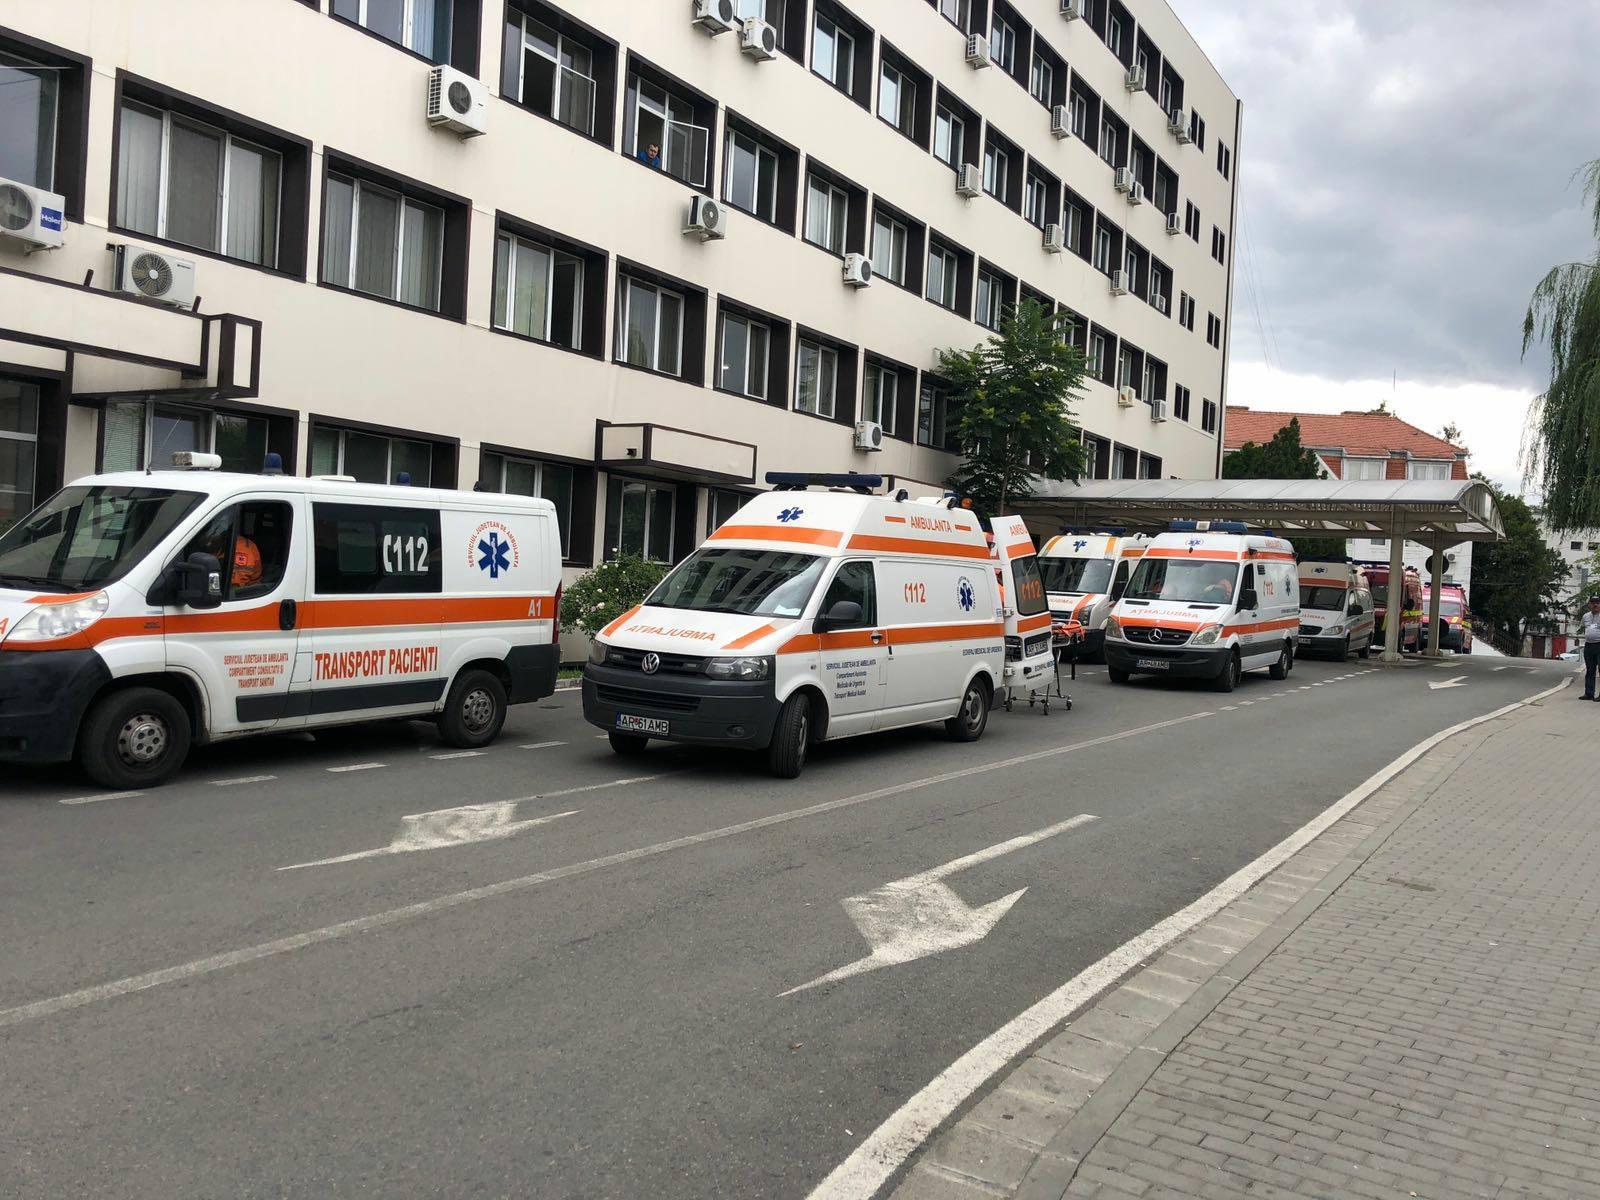 CORONAVIRUS. Numărul cazurilor EXPLODEAZĂ la Arad! Autorităţile se pregătesc de un SCENARIU de GROAZĂ